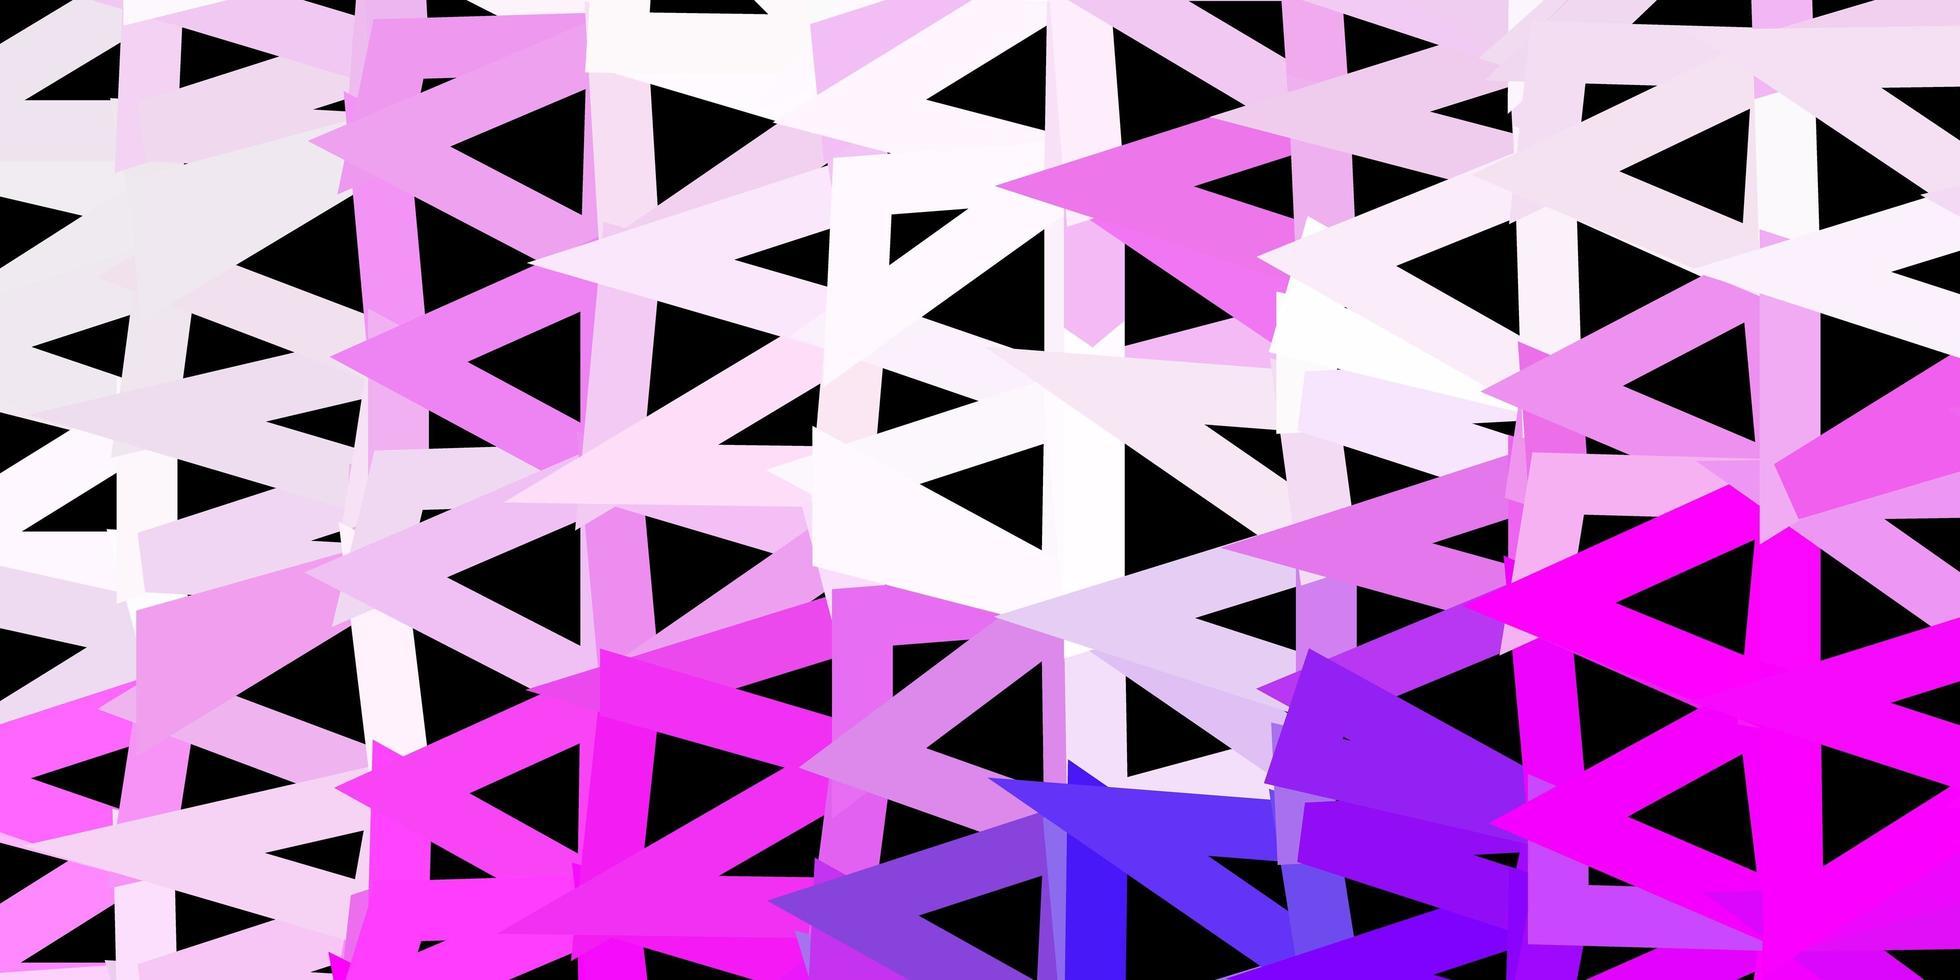 patrón de triángulo abstracto vector púrpura claro, rosa.